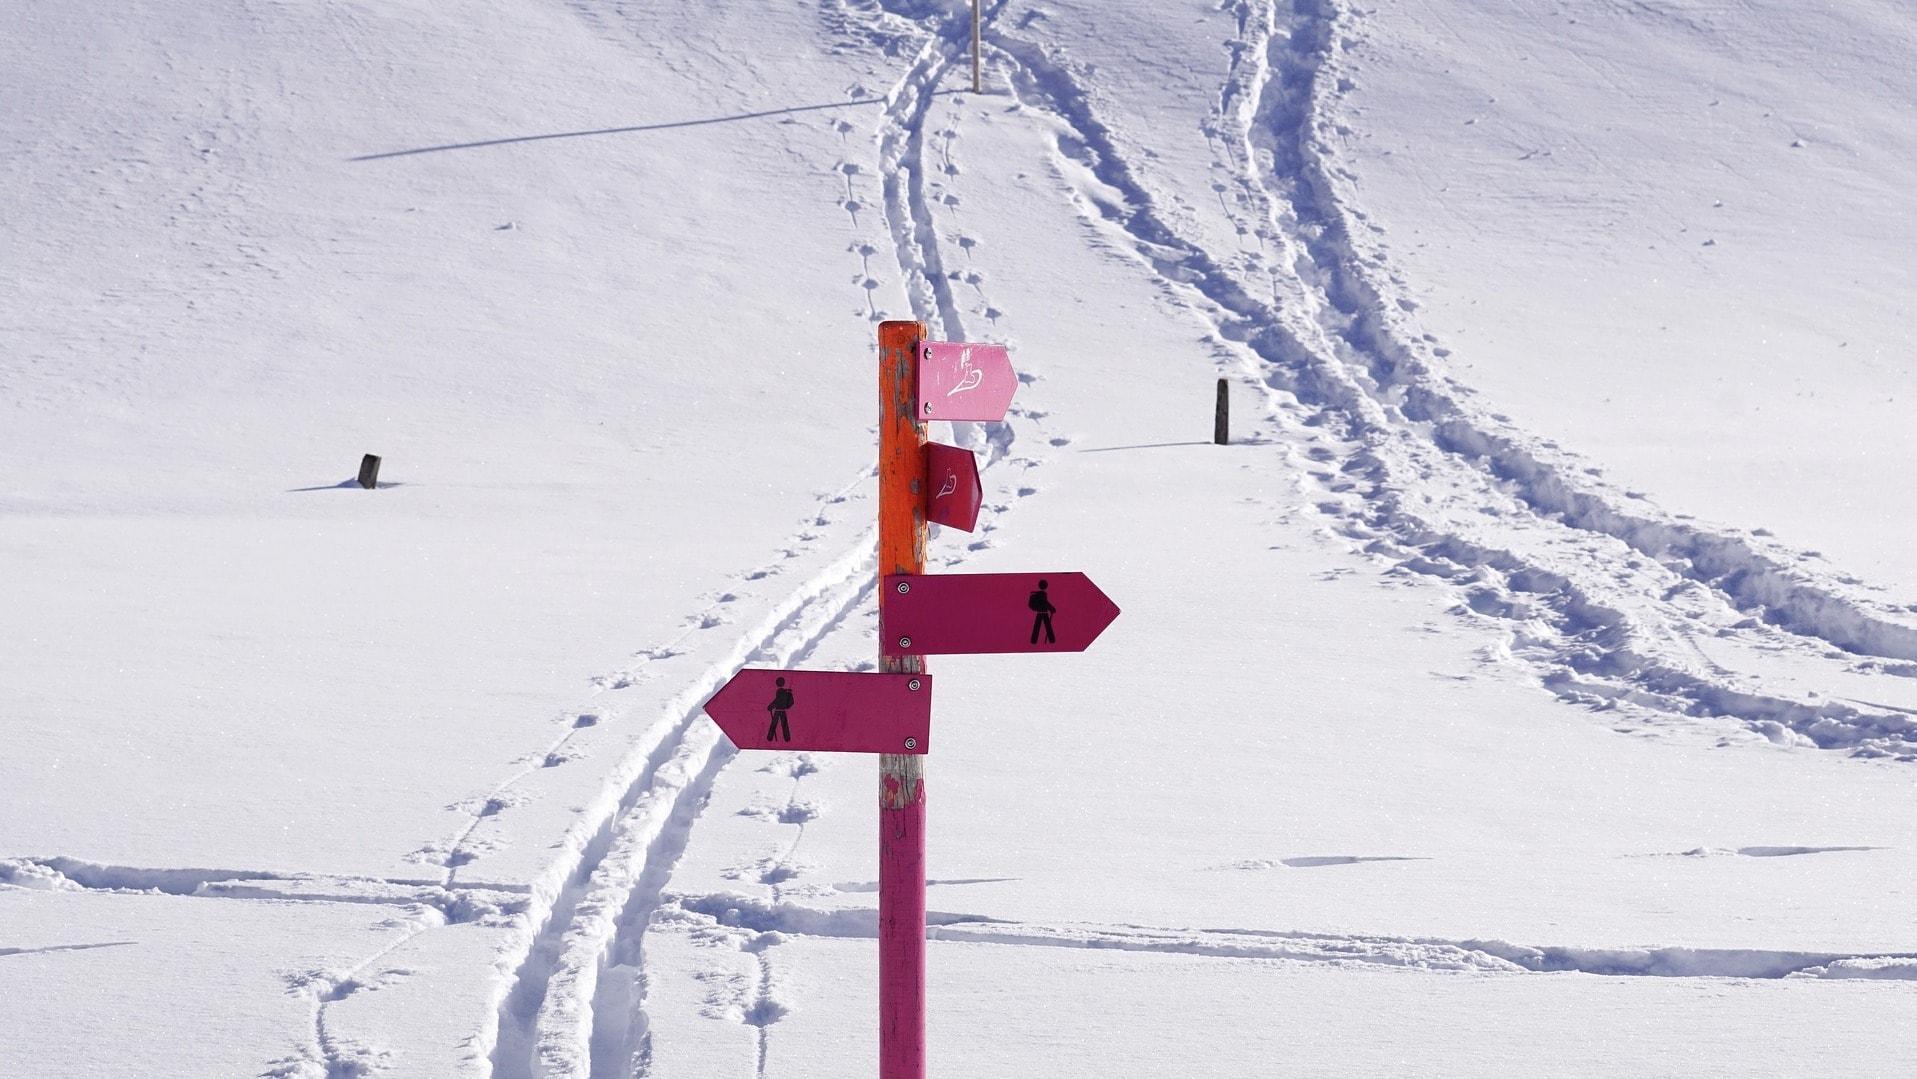 Ein roter Wegweiser steht im Schnee, dahinter sind Fußspuren zu erkennen.